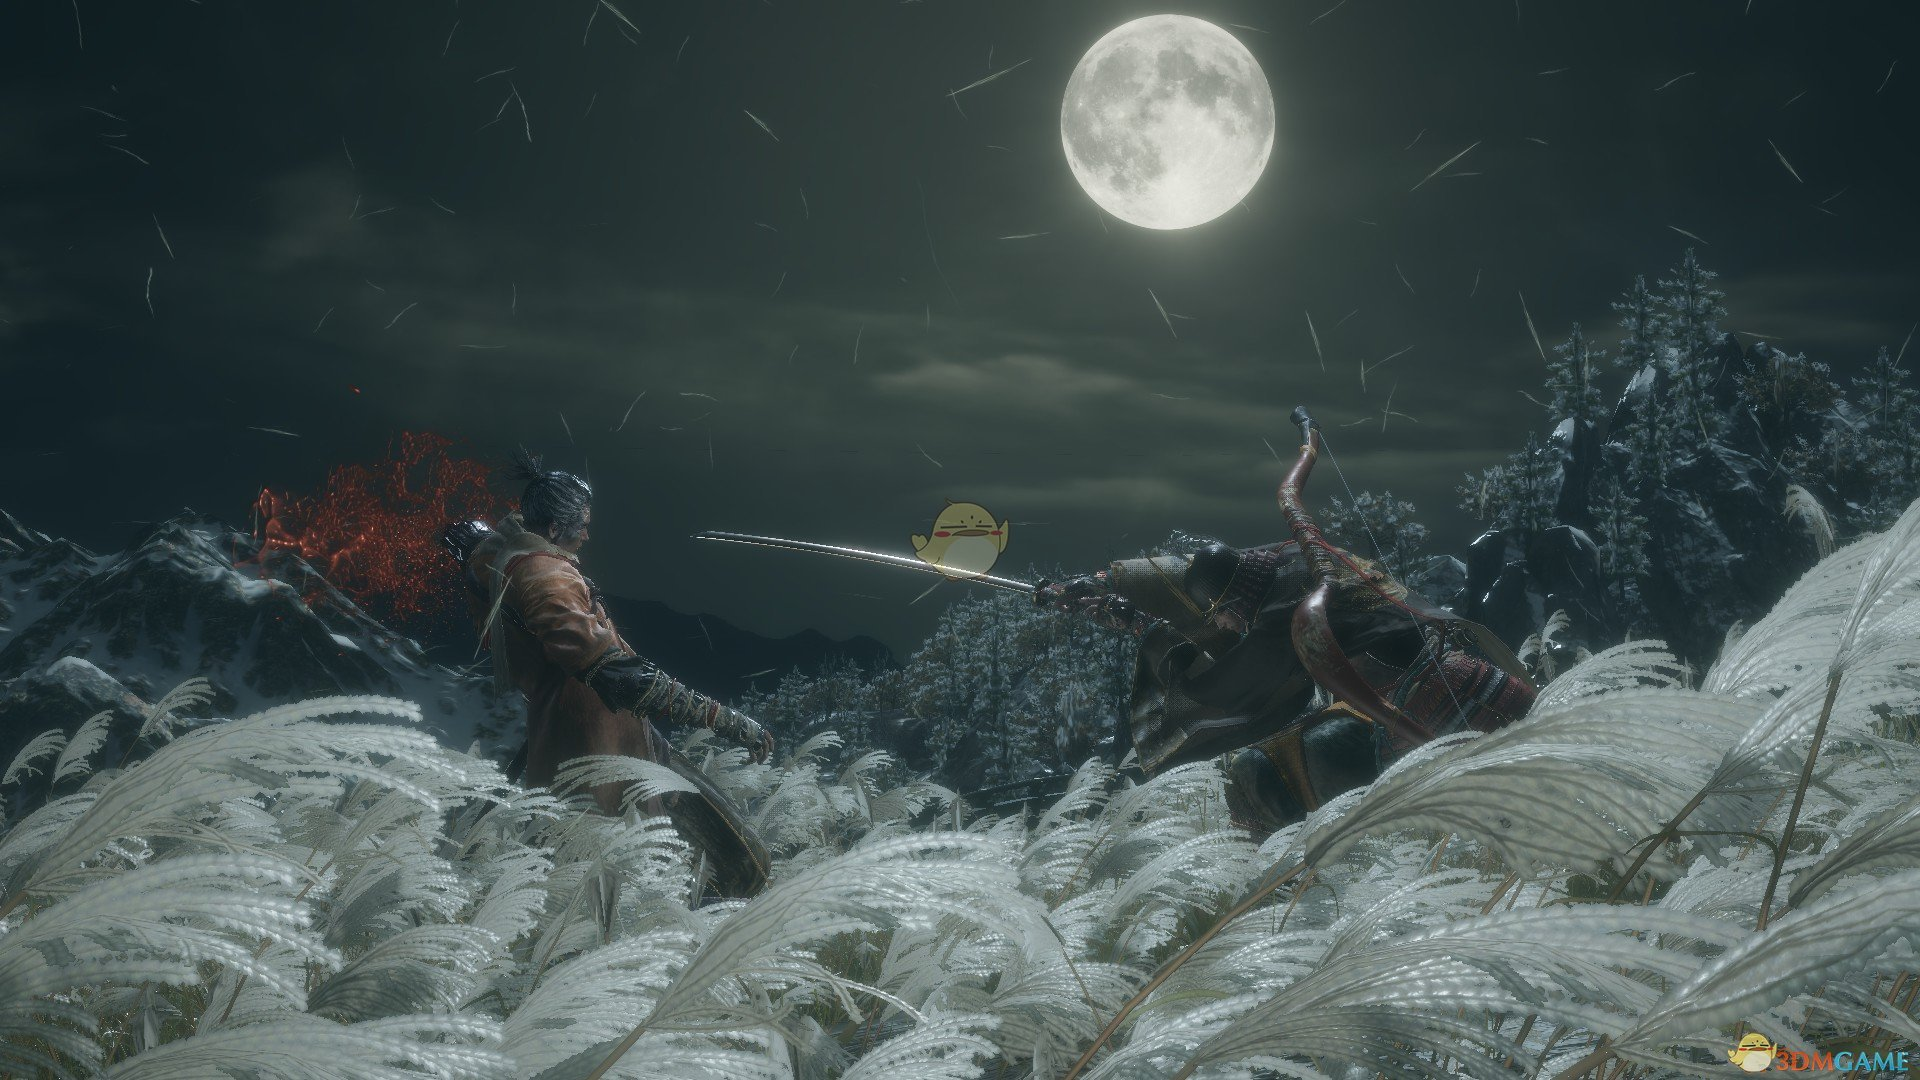 《只狼:影逝二度》变若水和死蜡瘤关系介绍